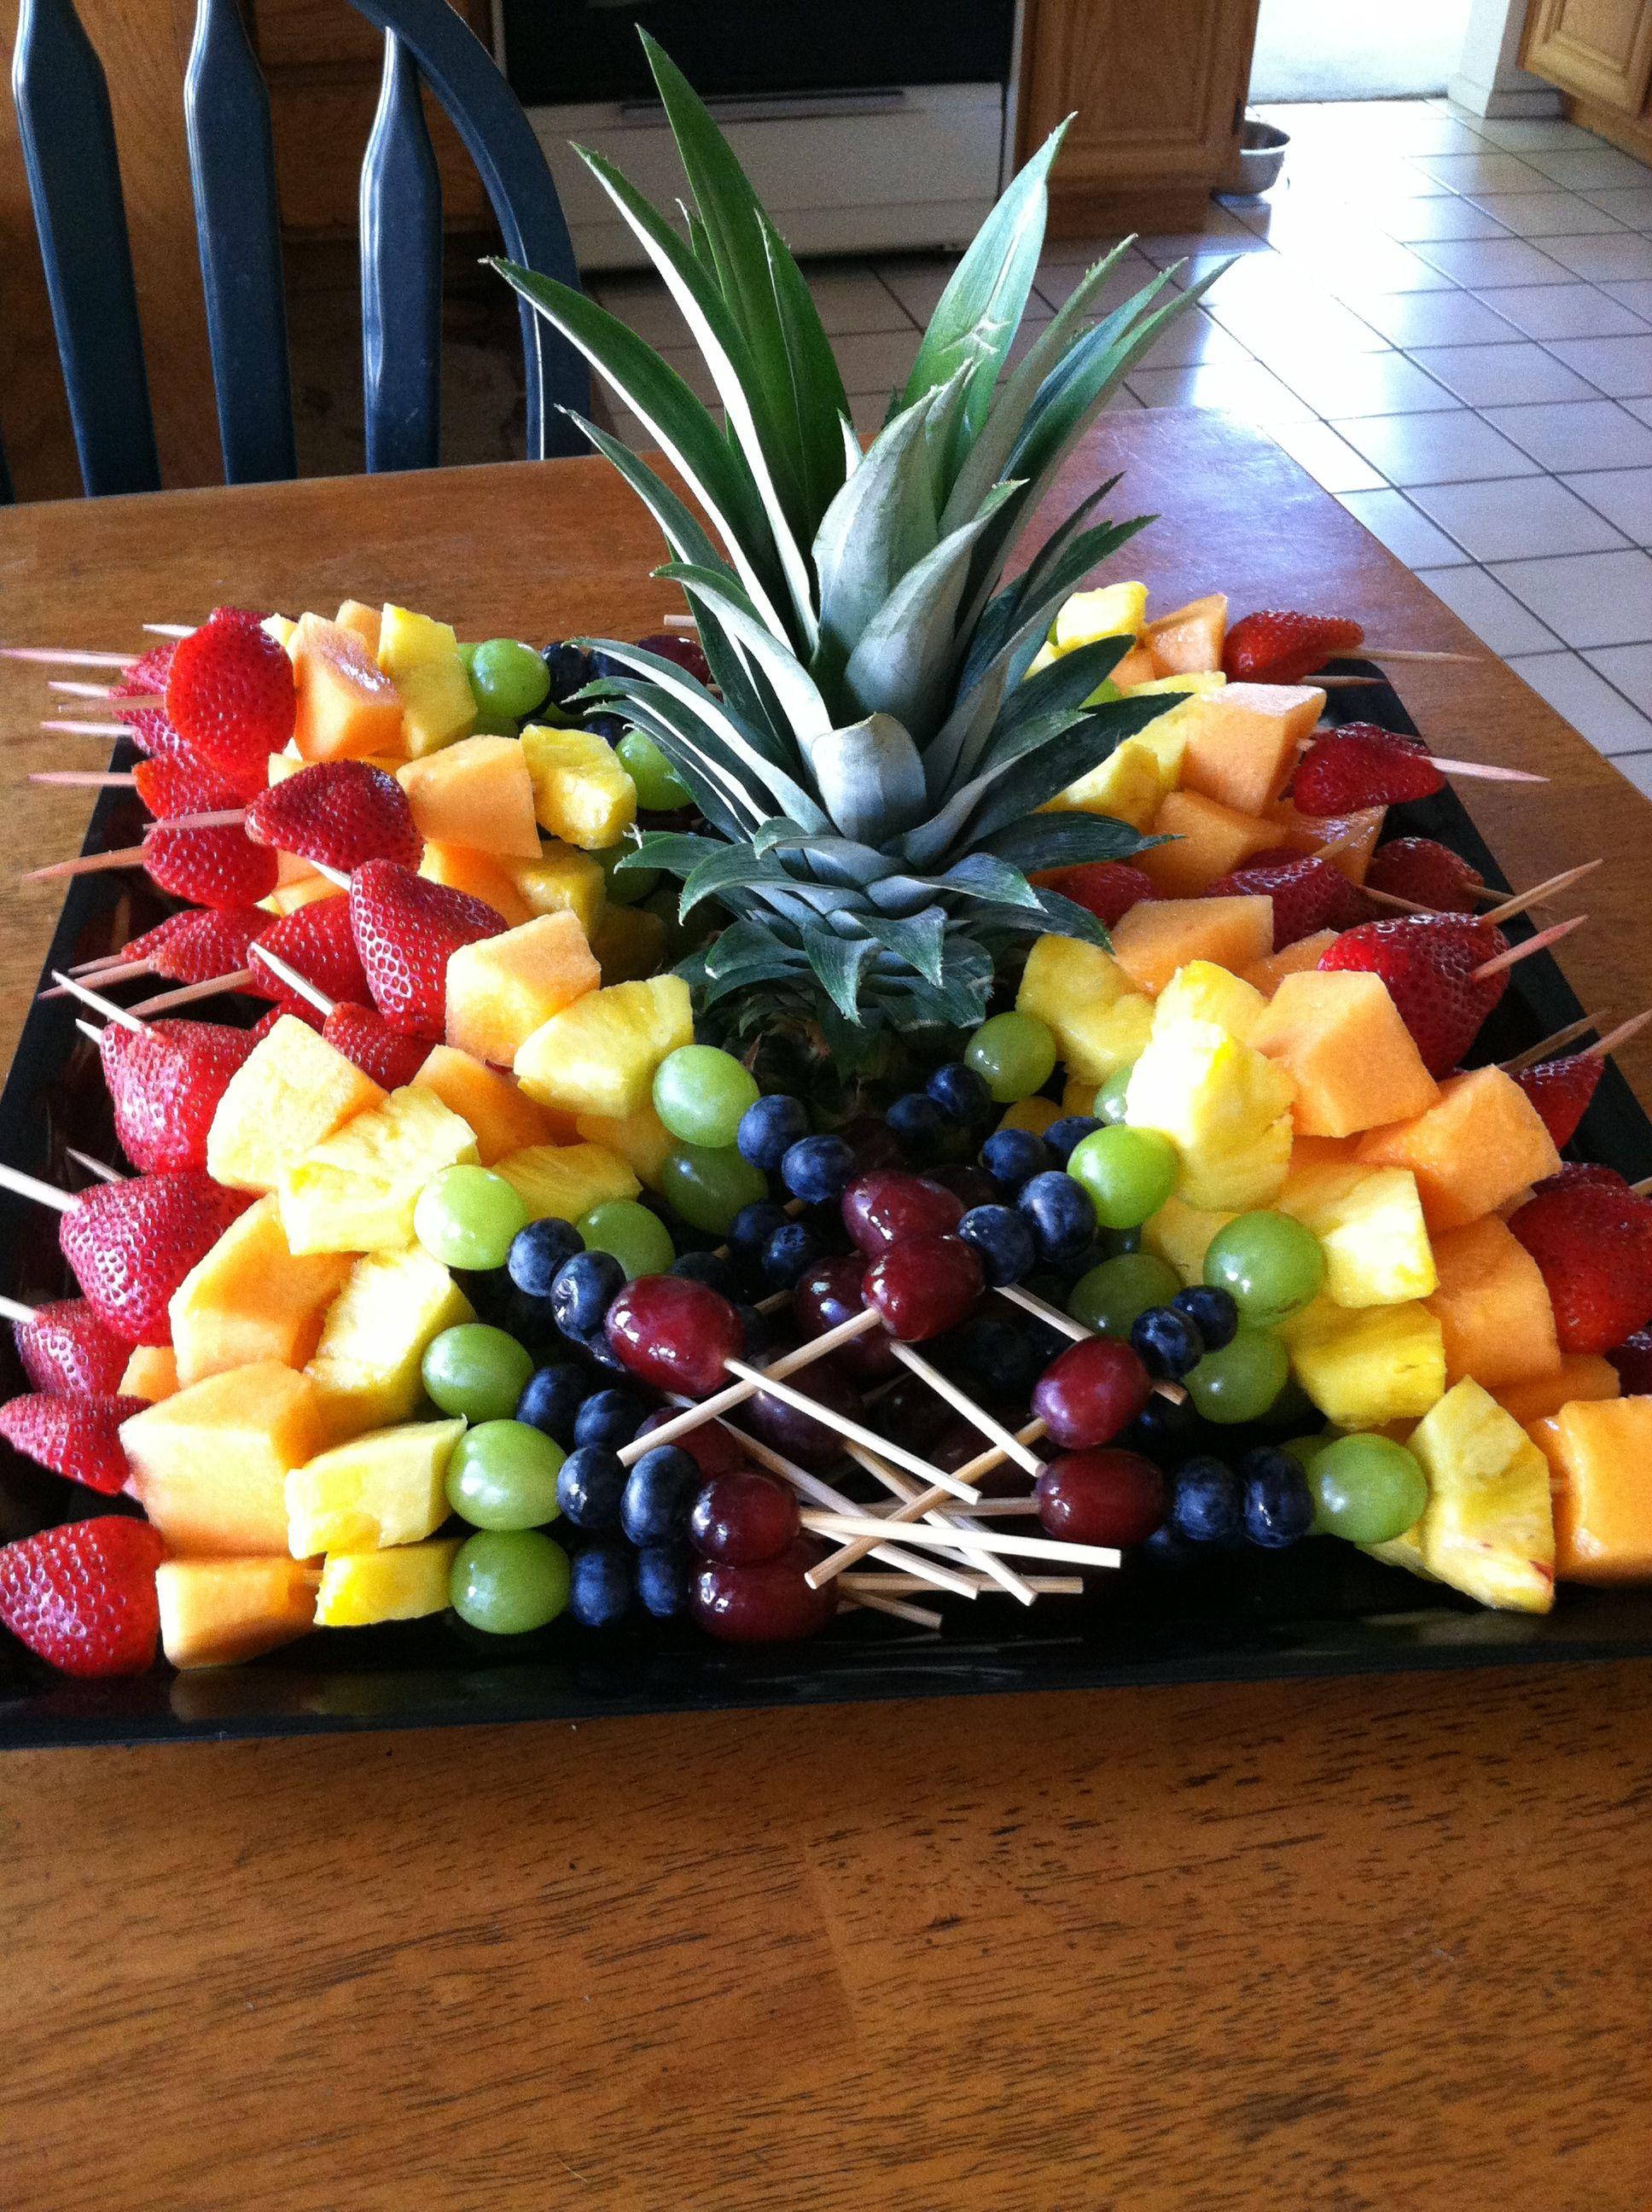 Skewered Fruit Tray Picnic Foods Food Platters Fruit Breakfast